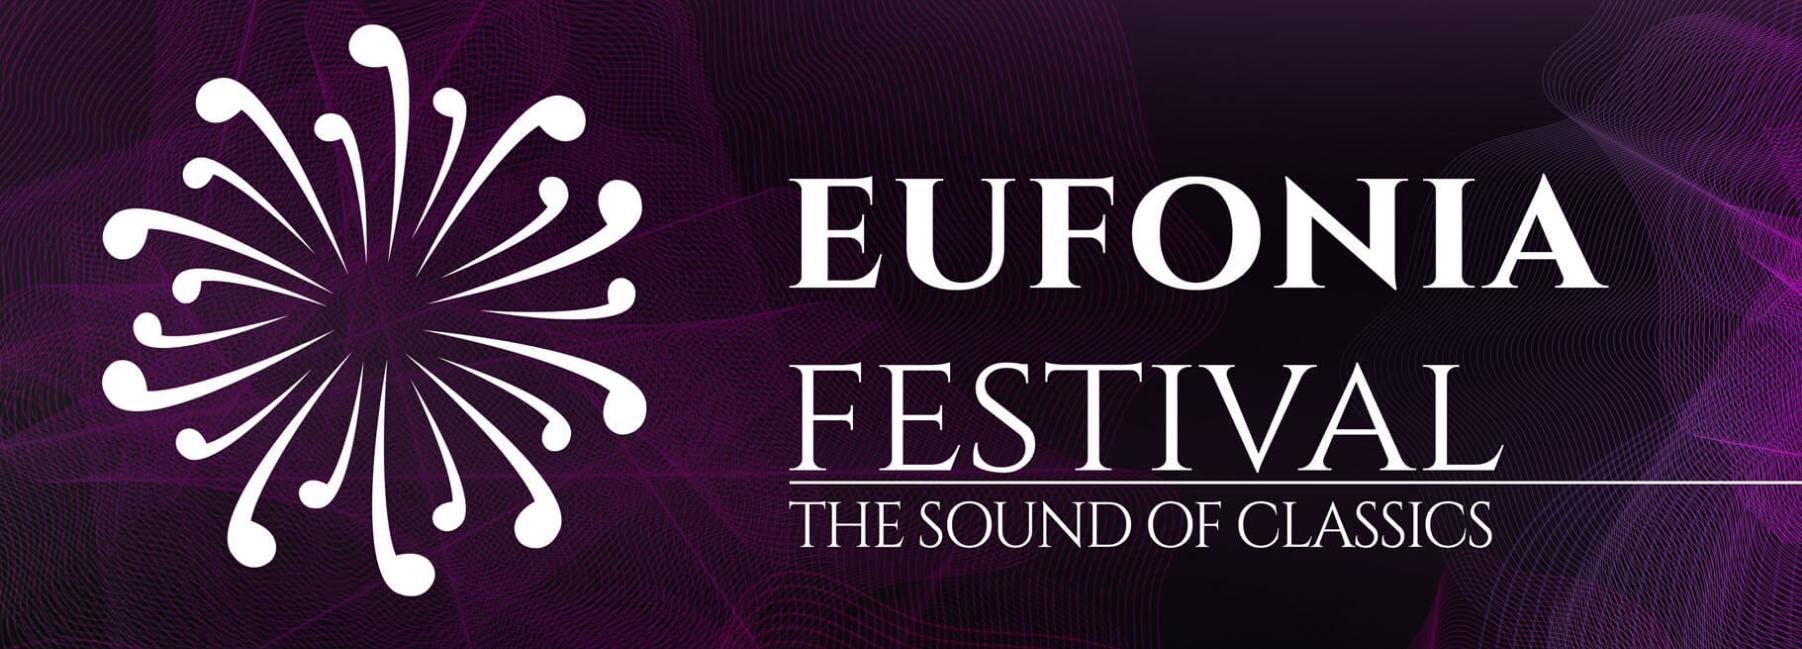 Eufonia_Festival_dimore_quartetto